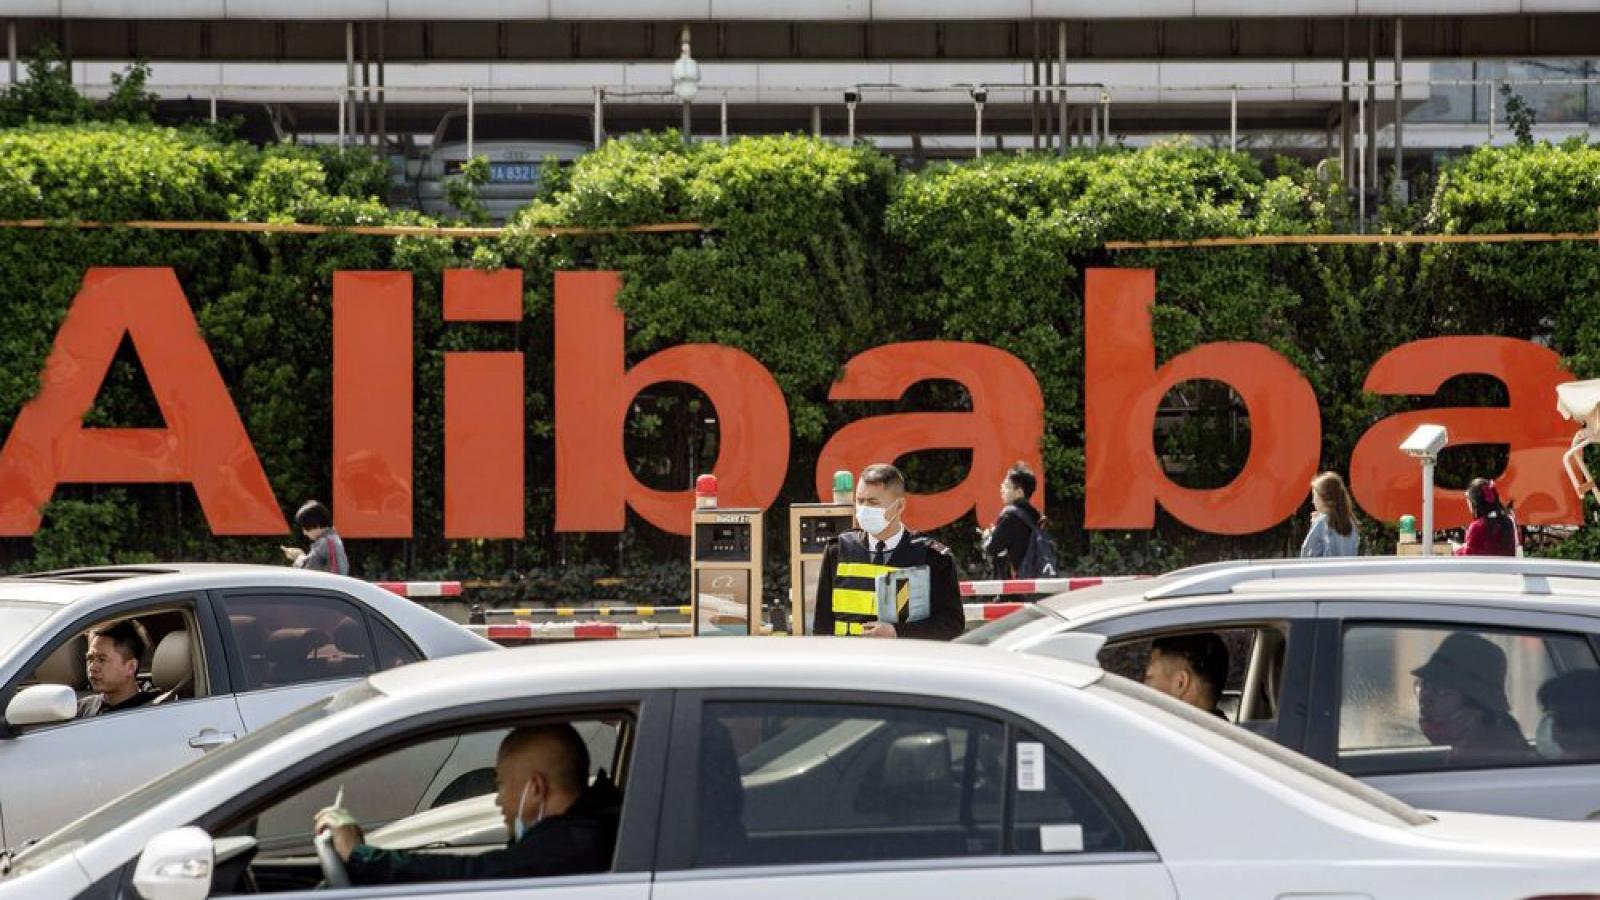 Sau án phạt kỷ lục 2,8 tỷ USD, cổ phiếu của Alibaba vọt tăng